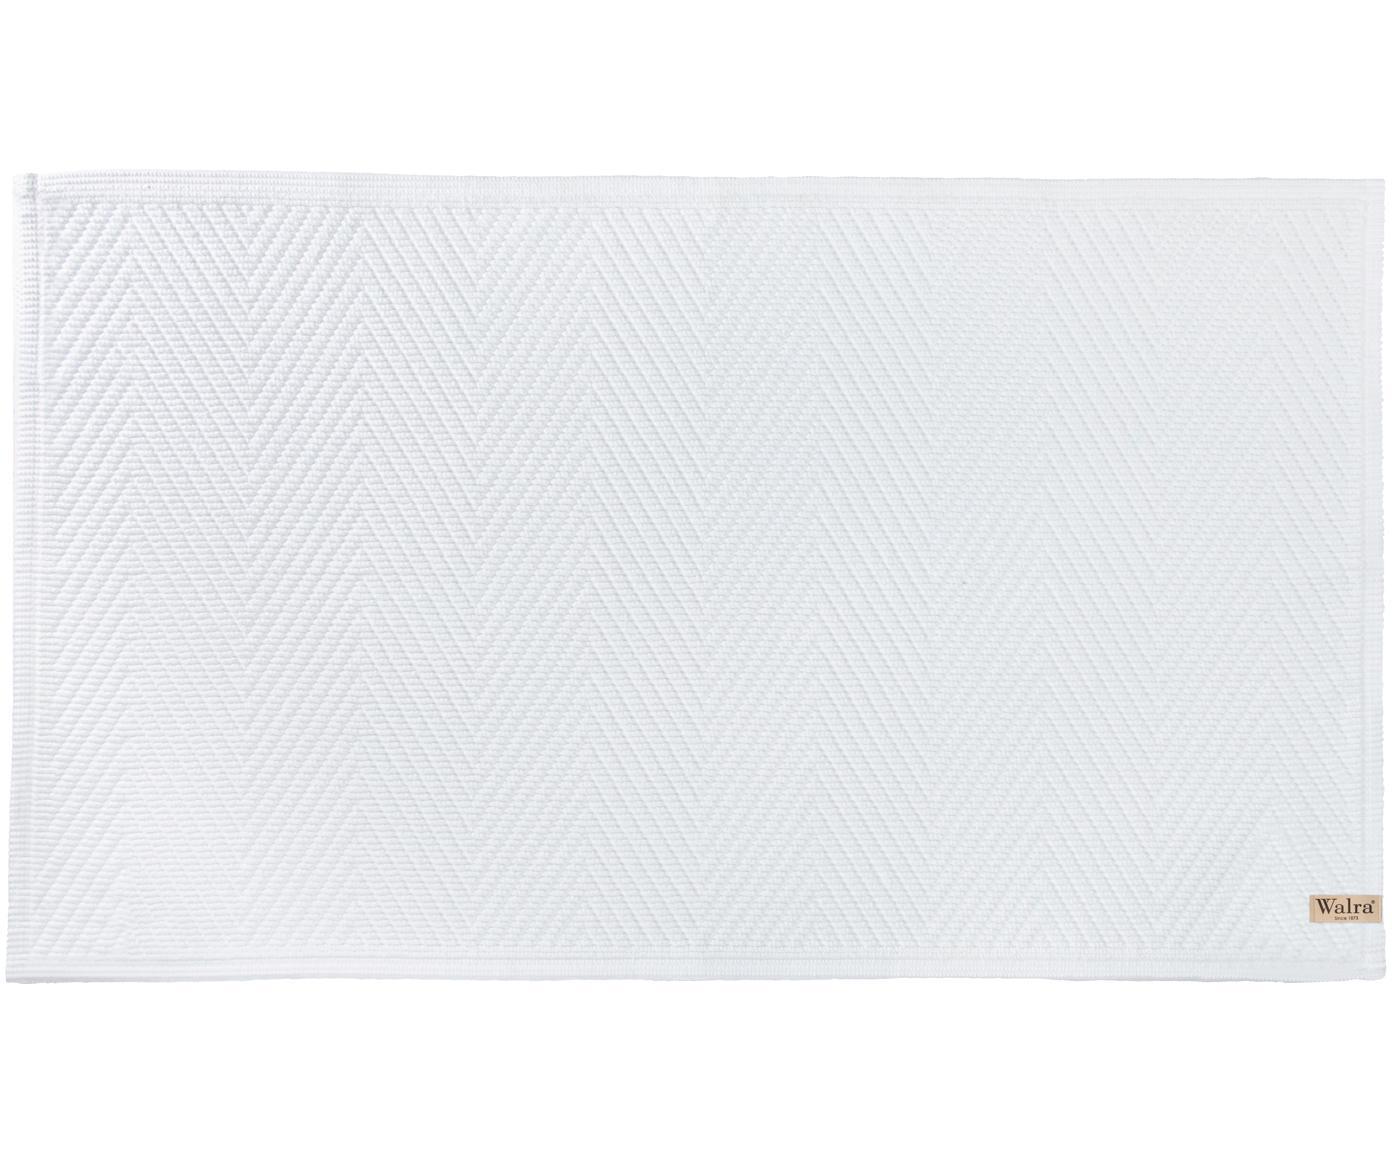 Dywanik łazienkowy Soft Cotton, Bawełna, Biały, S 60 x D 100 cm